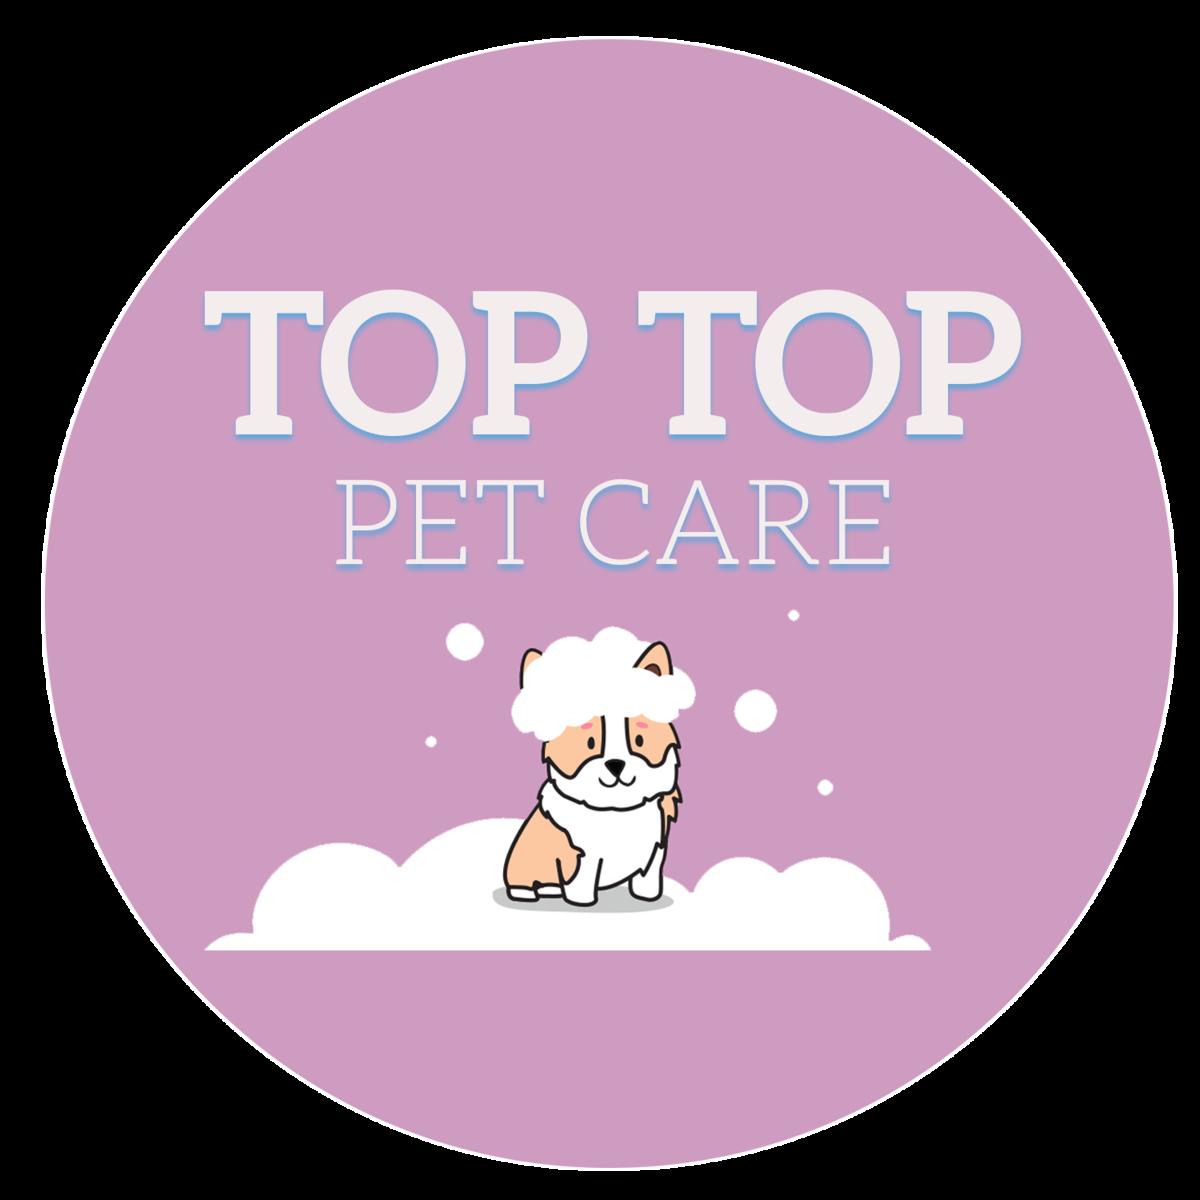 Top Top Pet Care